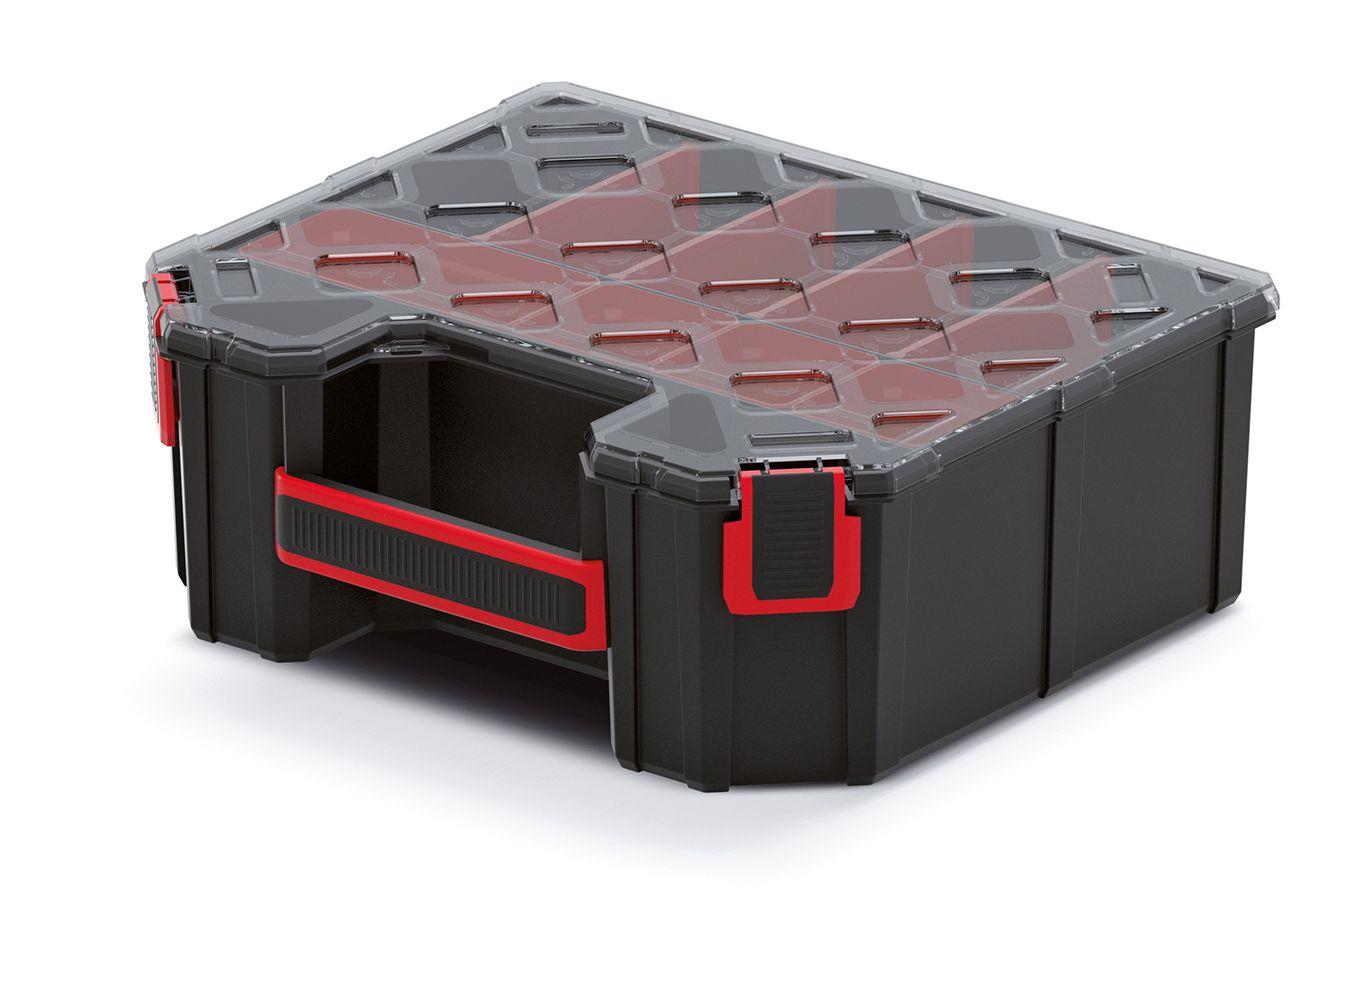 PROSPERPLAST Organizér vysoký TAGER 284x243x105 (přepážky/krabičky)